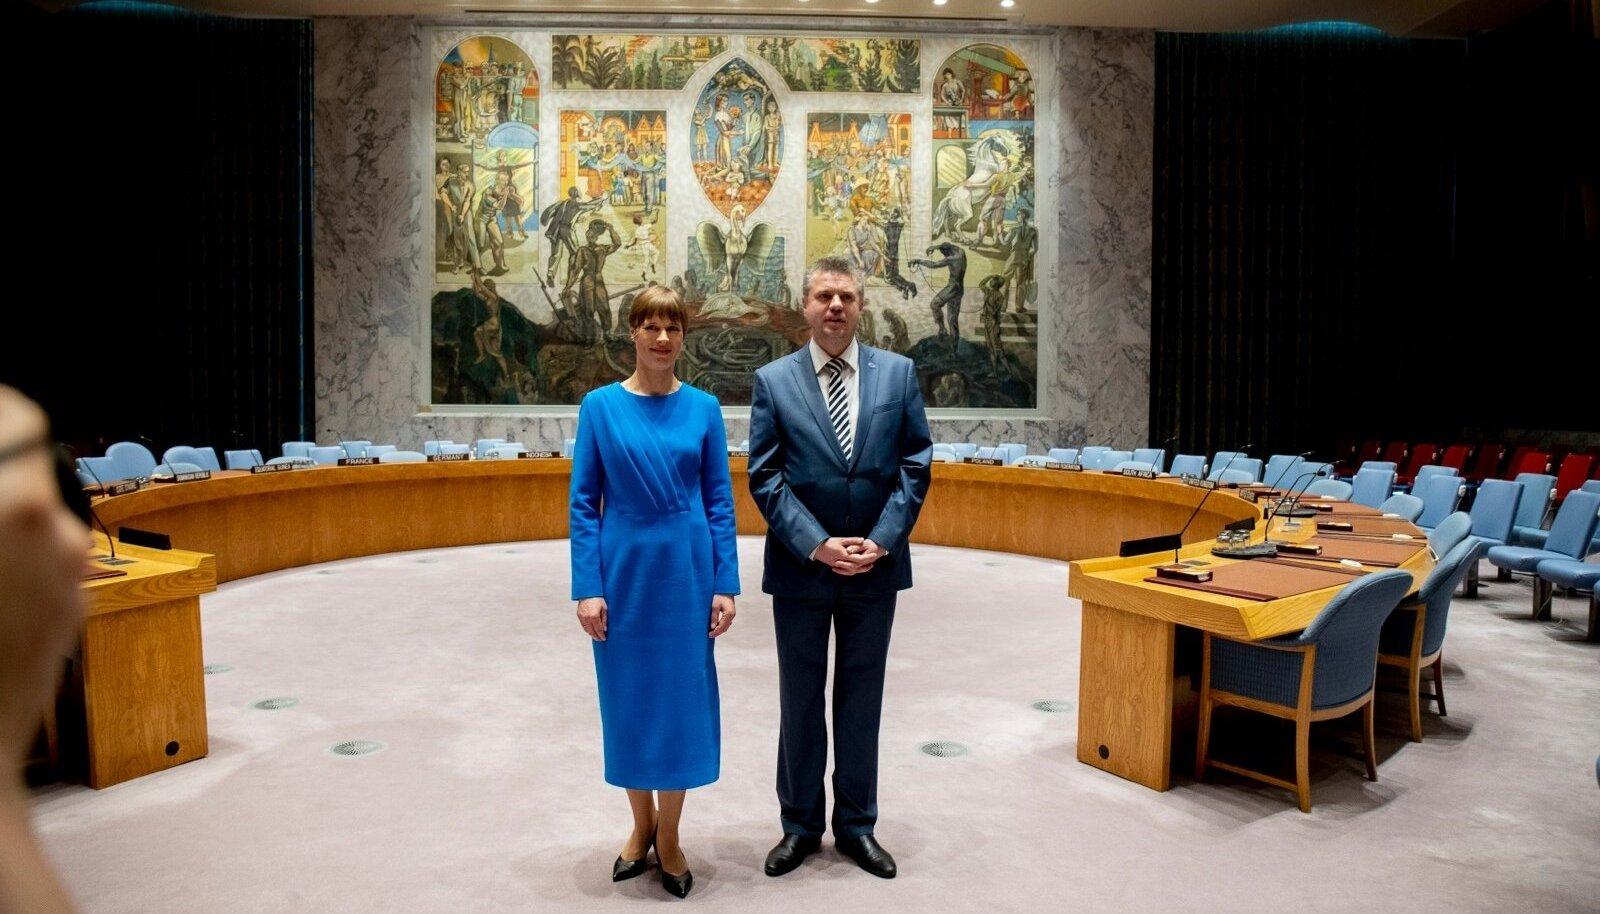 Eesti pidupäev: Kersti Kaljulaid ja Urmas Reinsalu rõõmustamas, et Eesti pingutusi pärjati - saime kaheks aastaks ÜRO valitud liikmeks. Taamal kuulus seinamaal.